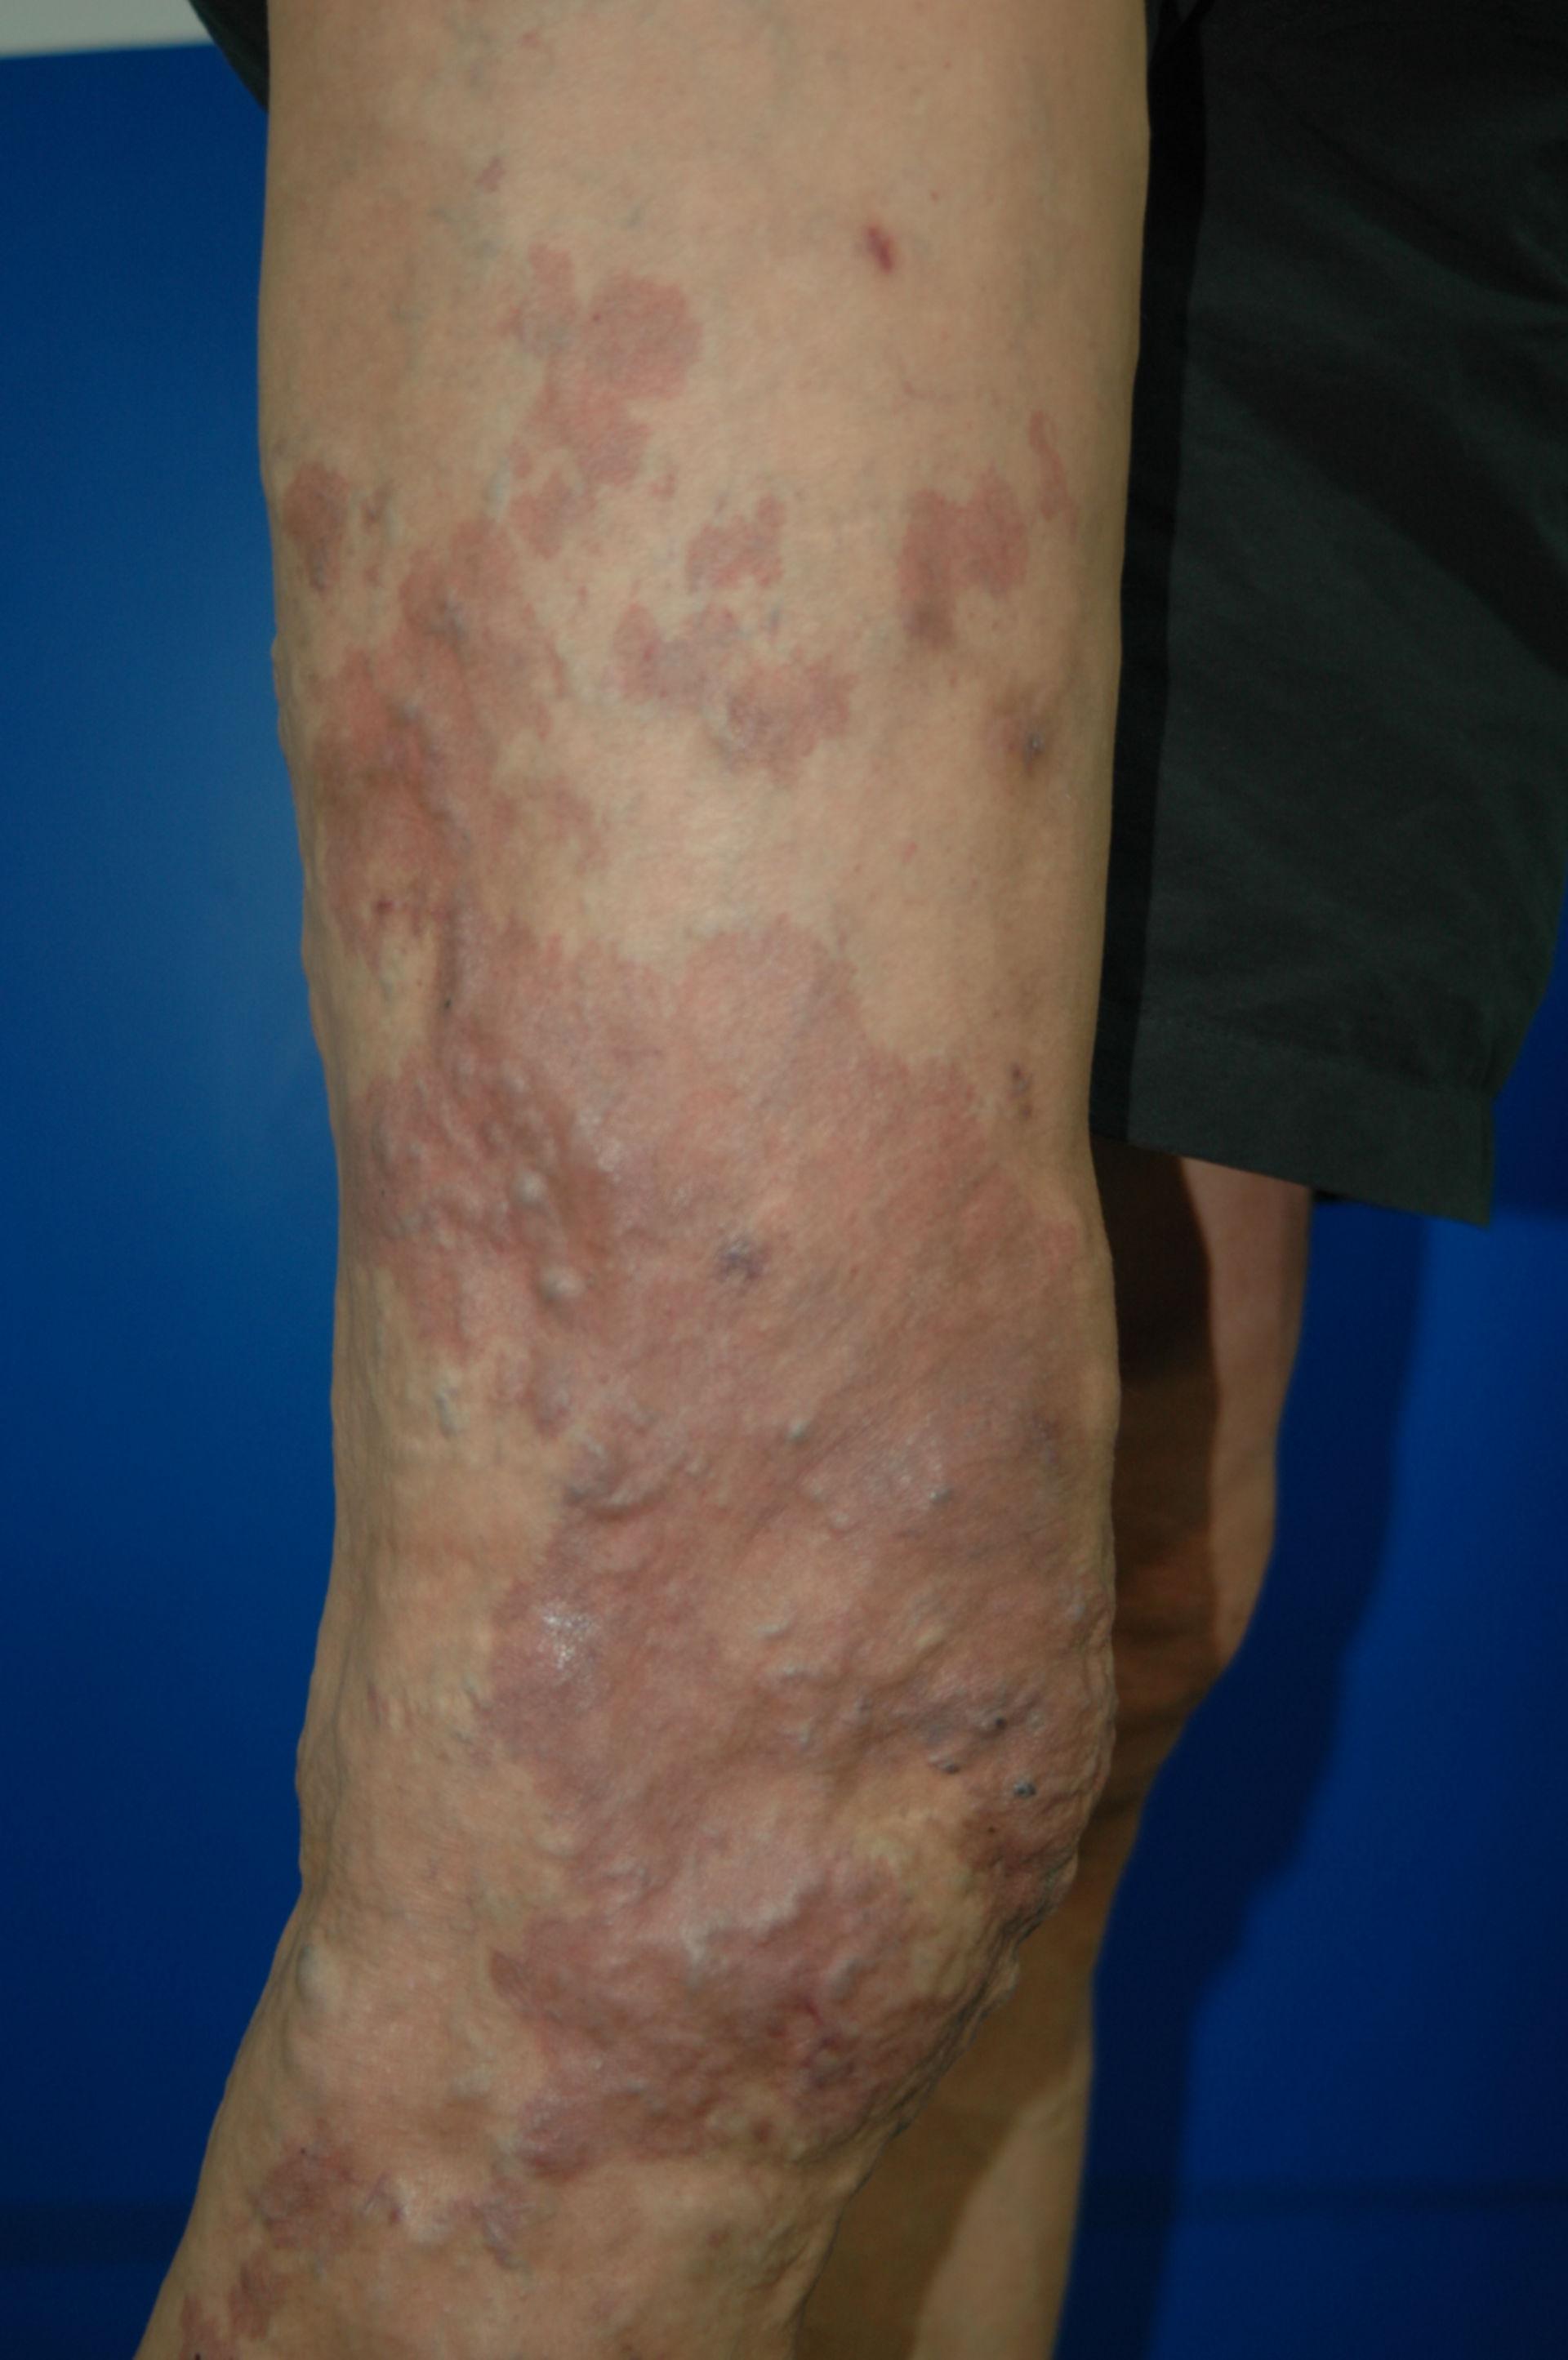 Klippel-Trénaunay-Syndrom postop. Aufnahme von Dr. Ykshim 4